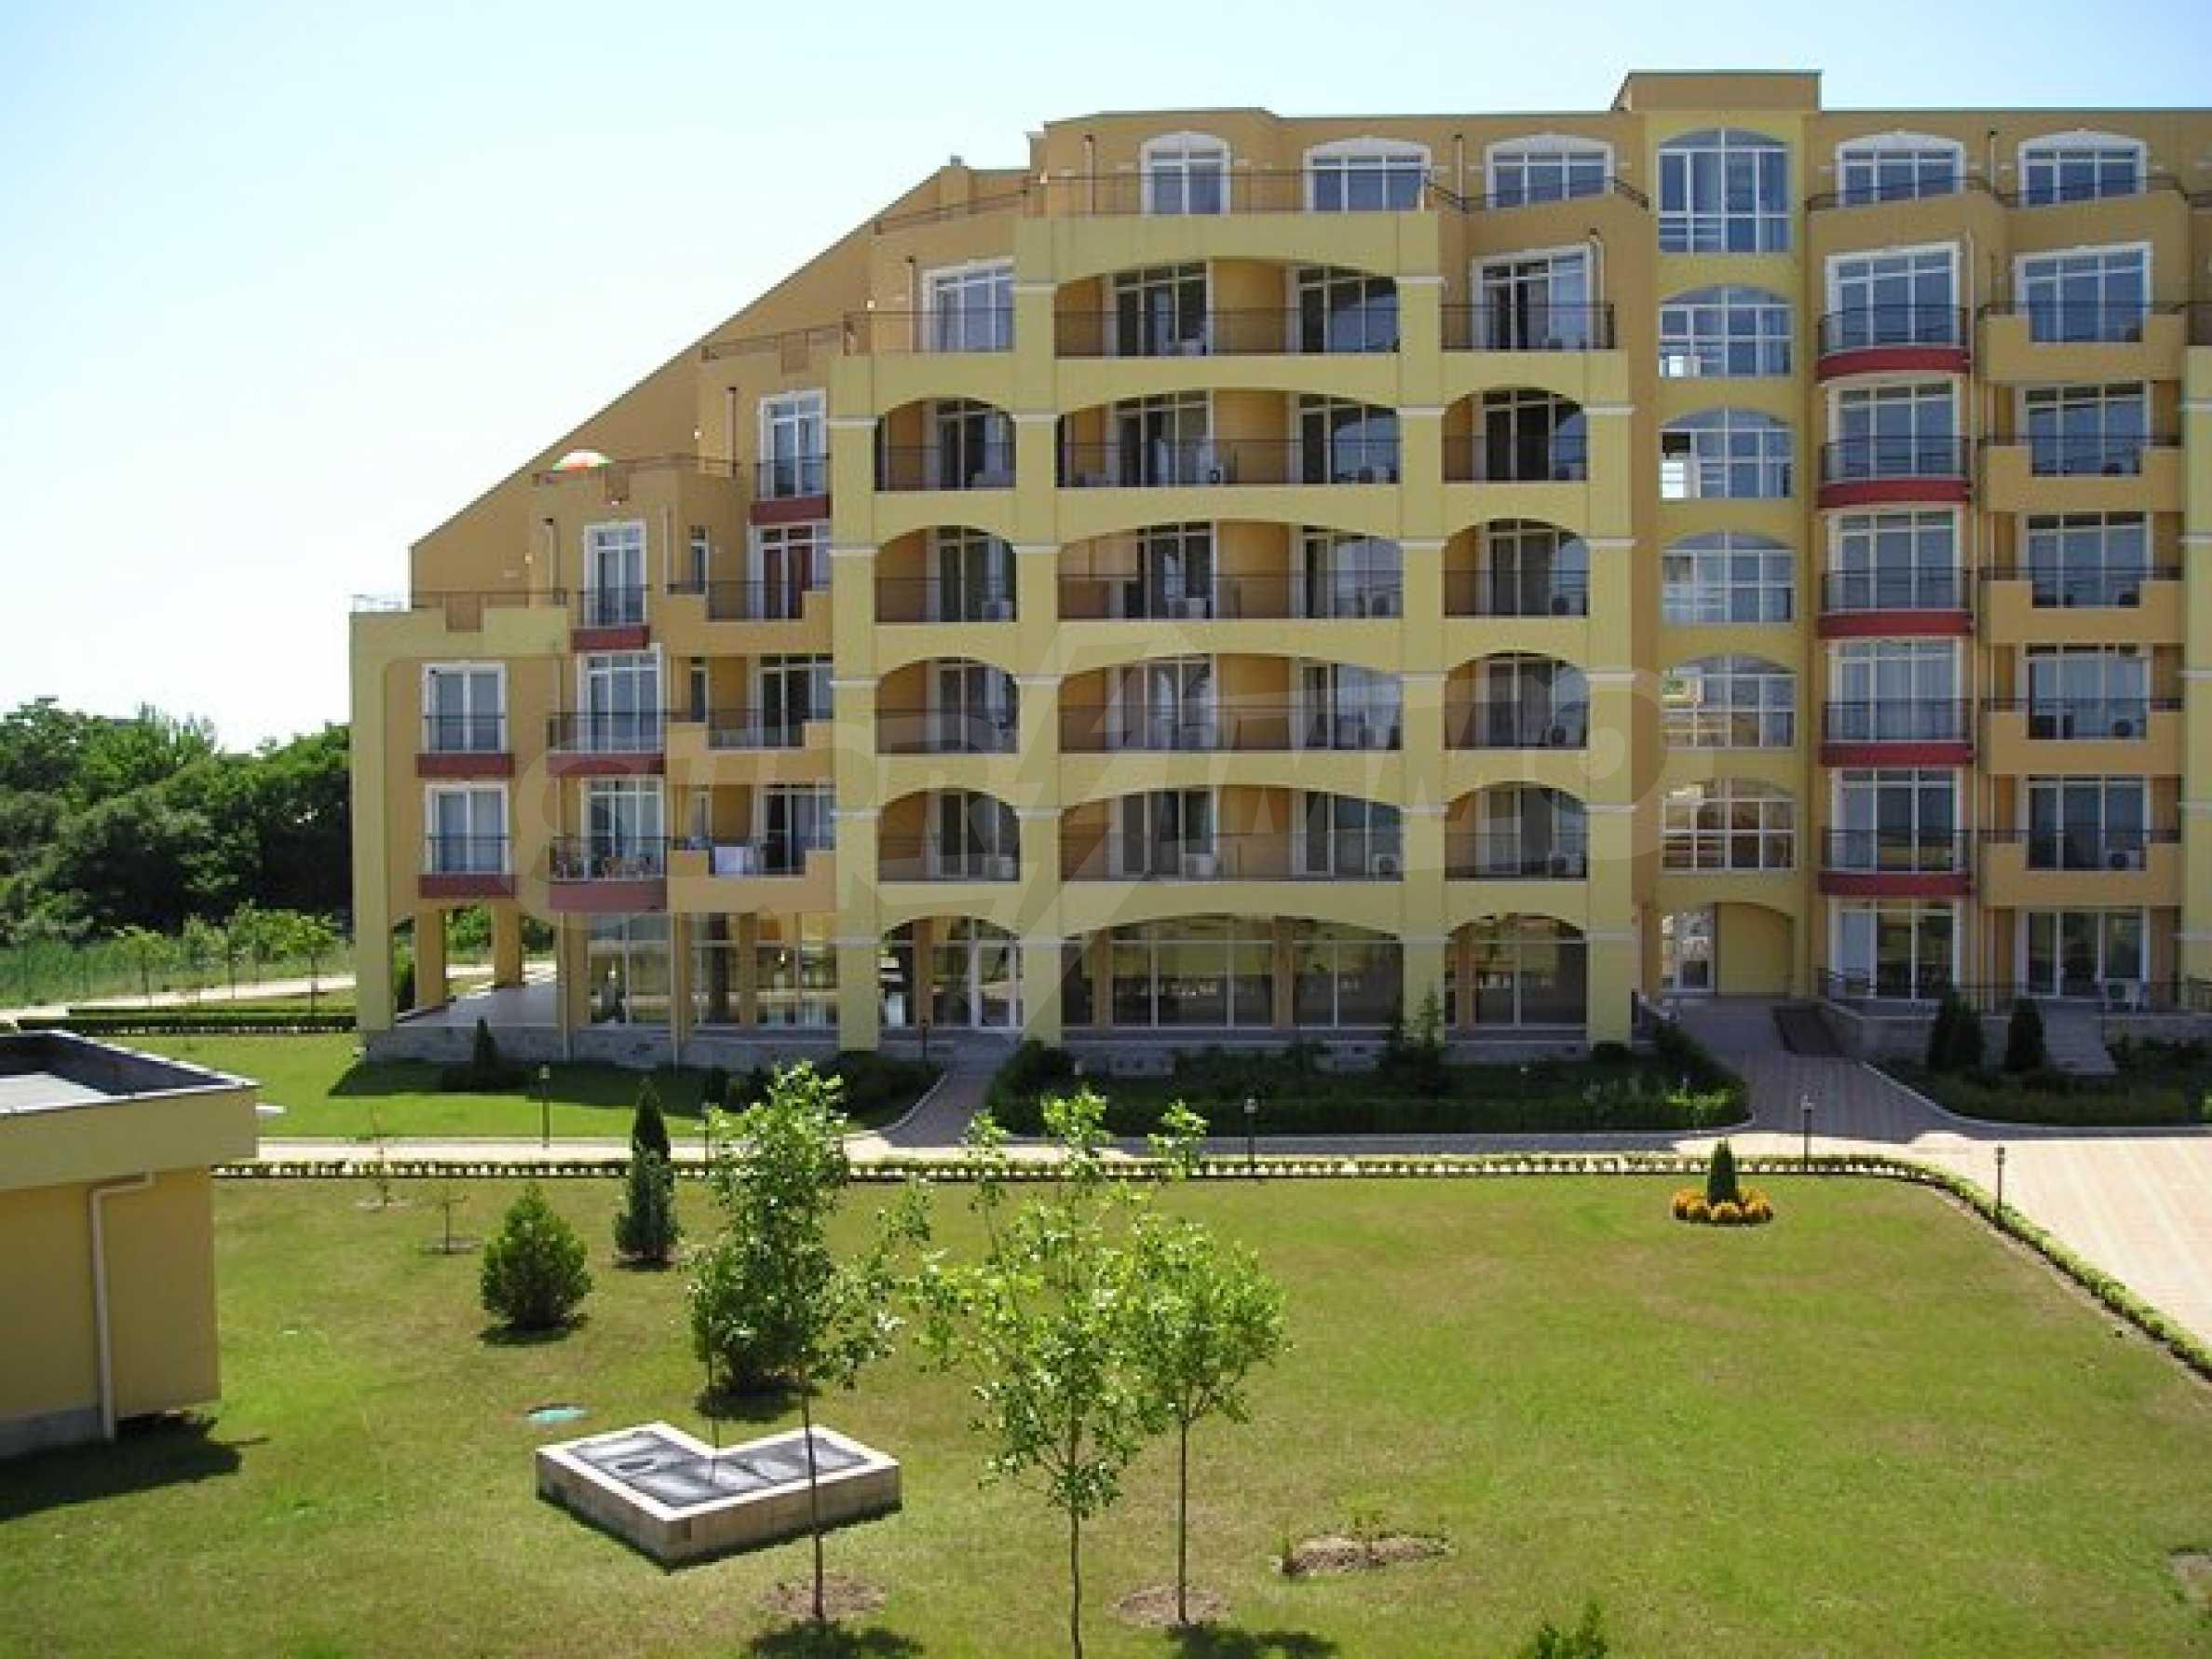 Studio zum Verkauf im Midia Grand Resort in Aheloy 23